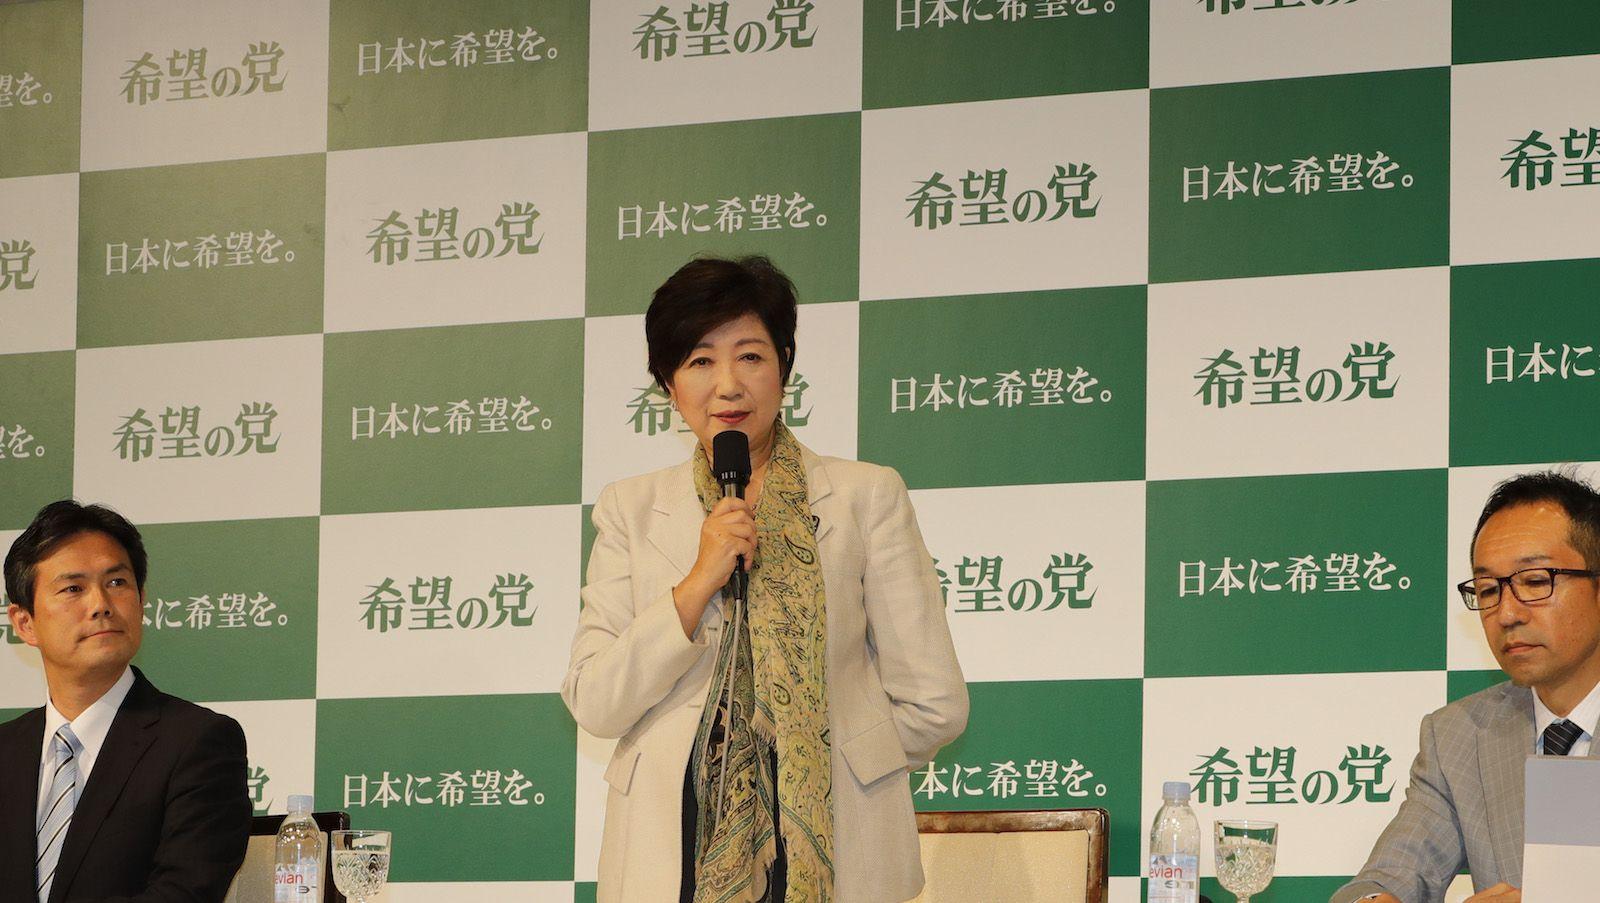 toyokeizai_20171007_192206_0.jpg